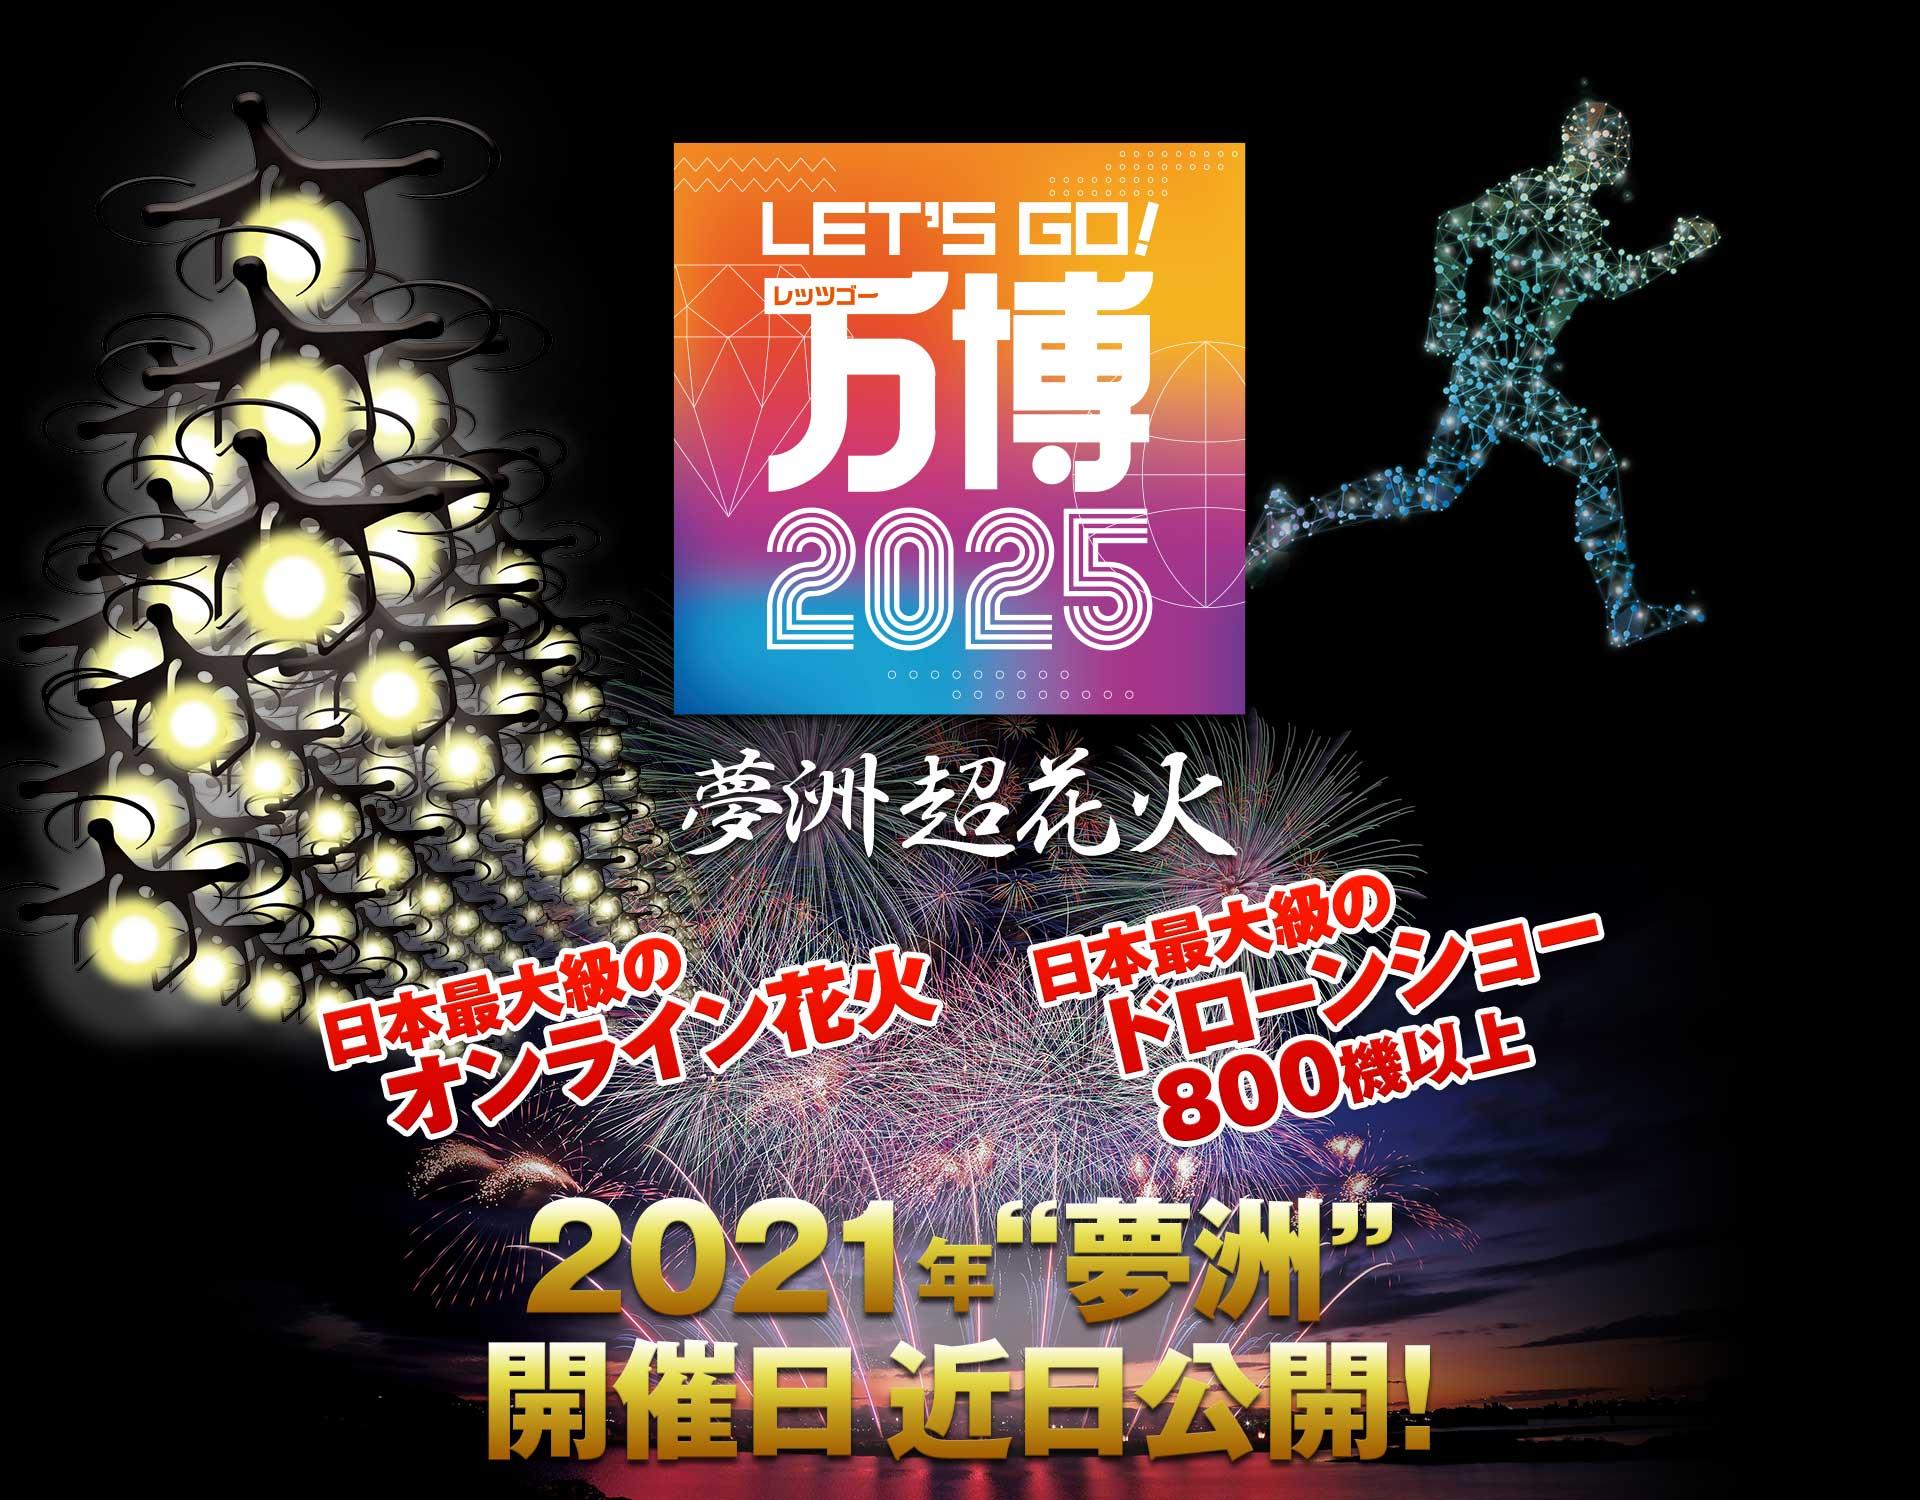 レッツゴー万博2025 カウントダウン4「夢洲超花火」